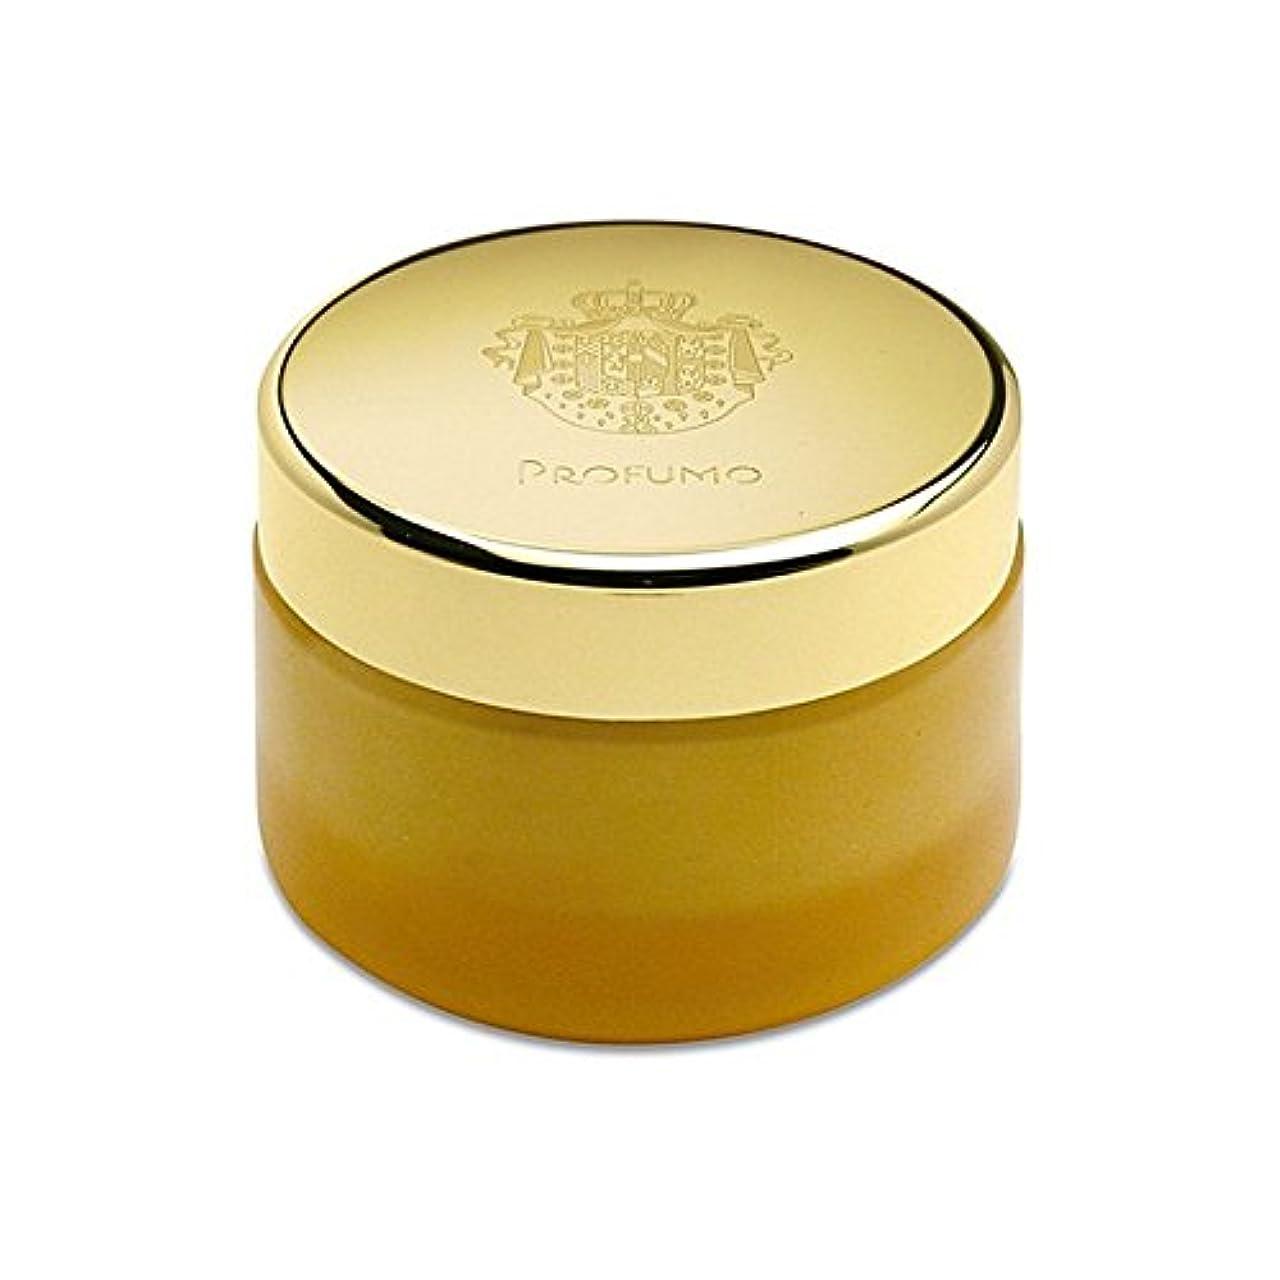 コンパイルメンバー流すアクアディパルマボディクリーム200ミリリットル x4 - Acqua Di Parma Profumo Body Cream 200ml (Pack of 4) [並行輸入品]